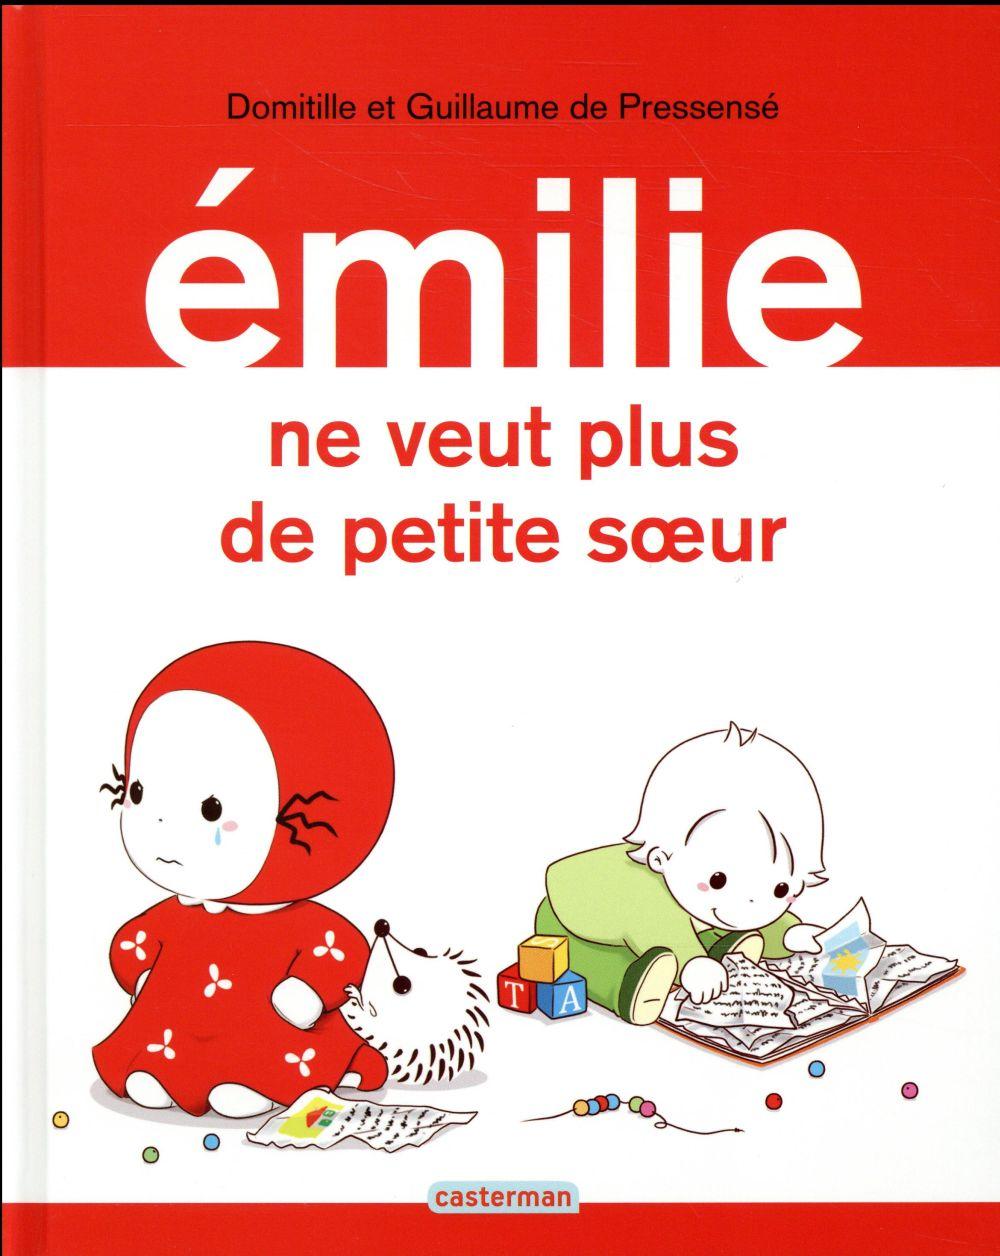 Emilie ne veut plus de petite soeur